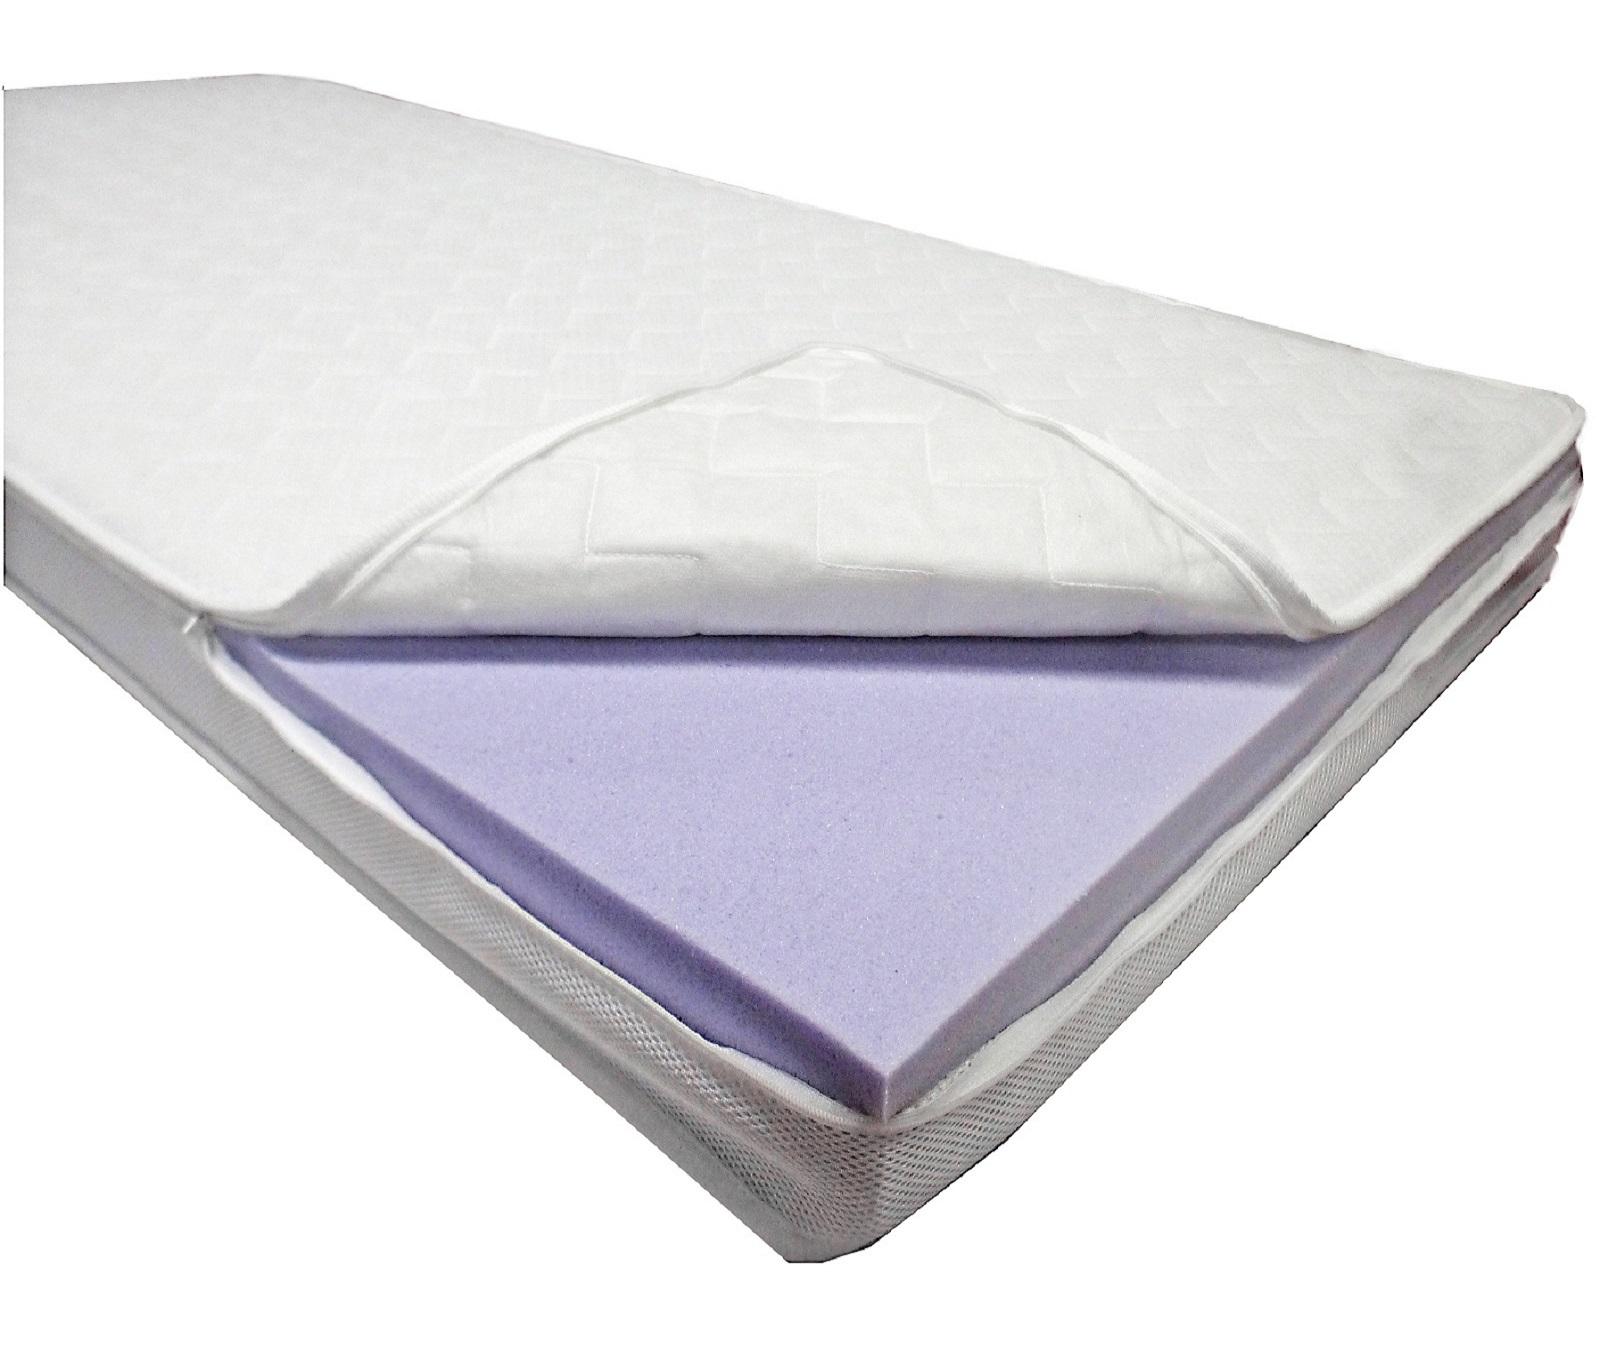 wellness exquisit gel schaum topper matratzenauflage 10 cm gesamth he rg 60. Black Bedroom Furniture Sets. Home Design Ideas